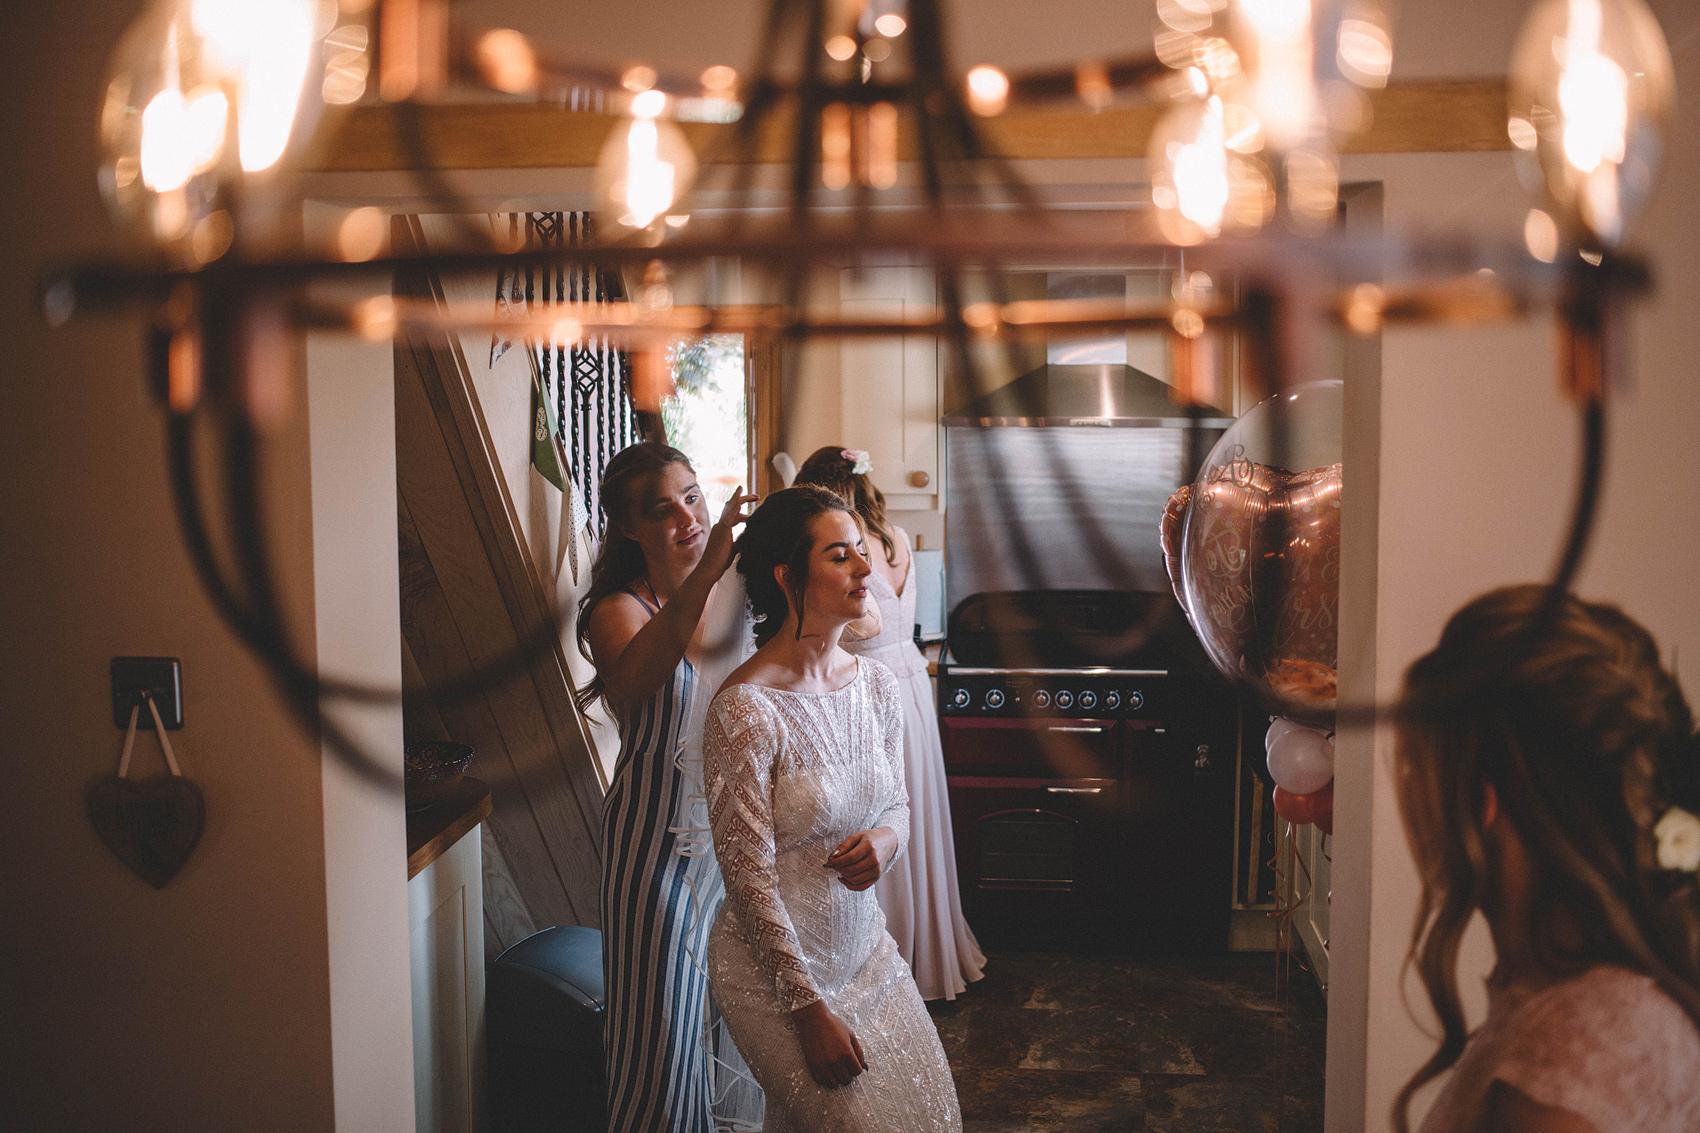 Inglewood_Manor_Wedding_Photography_-_Claire_Basiuk_Cheshire_Photographer_-_11_41.jpg